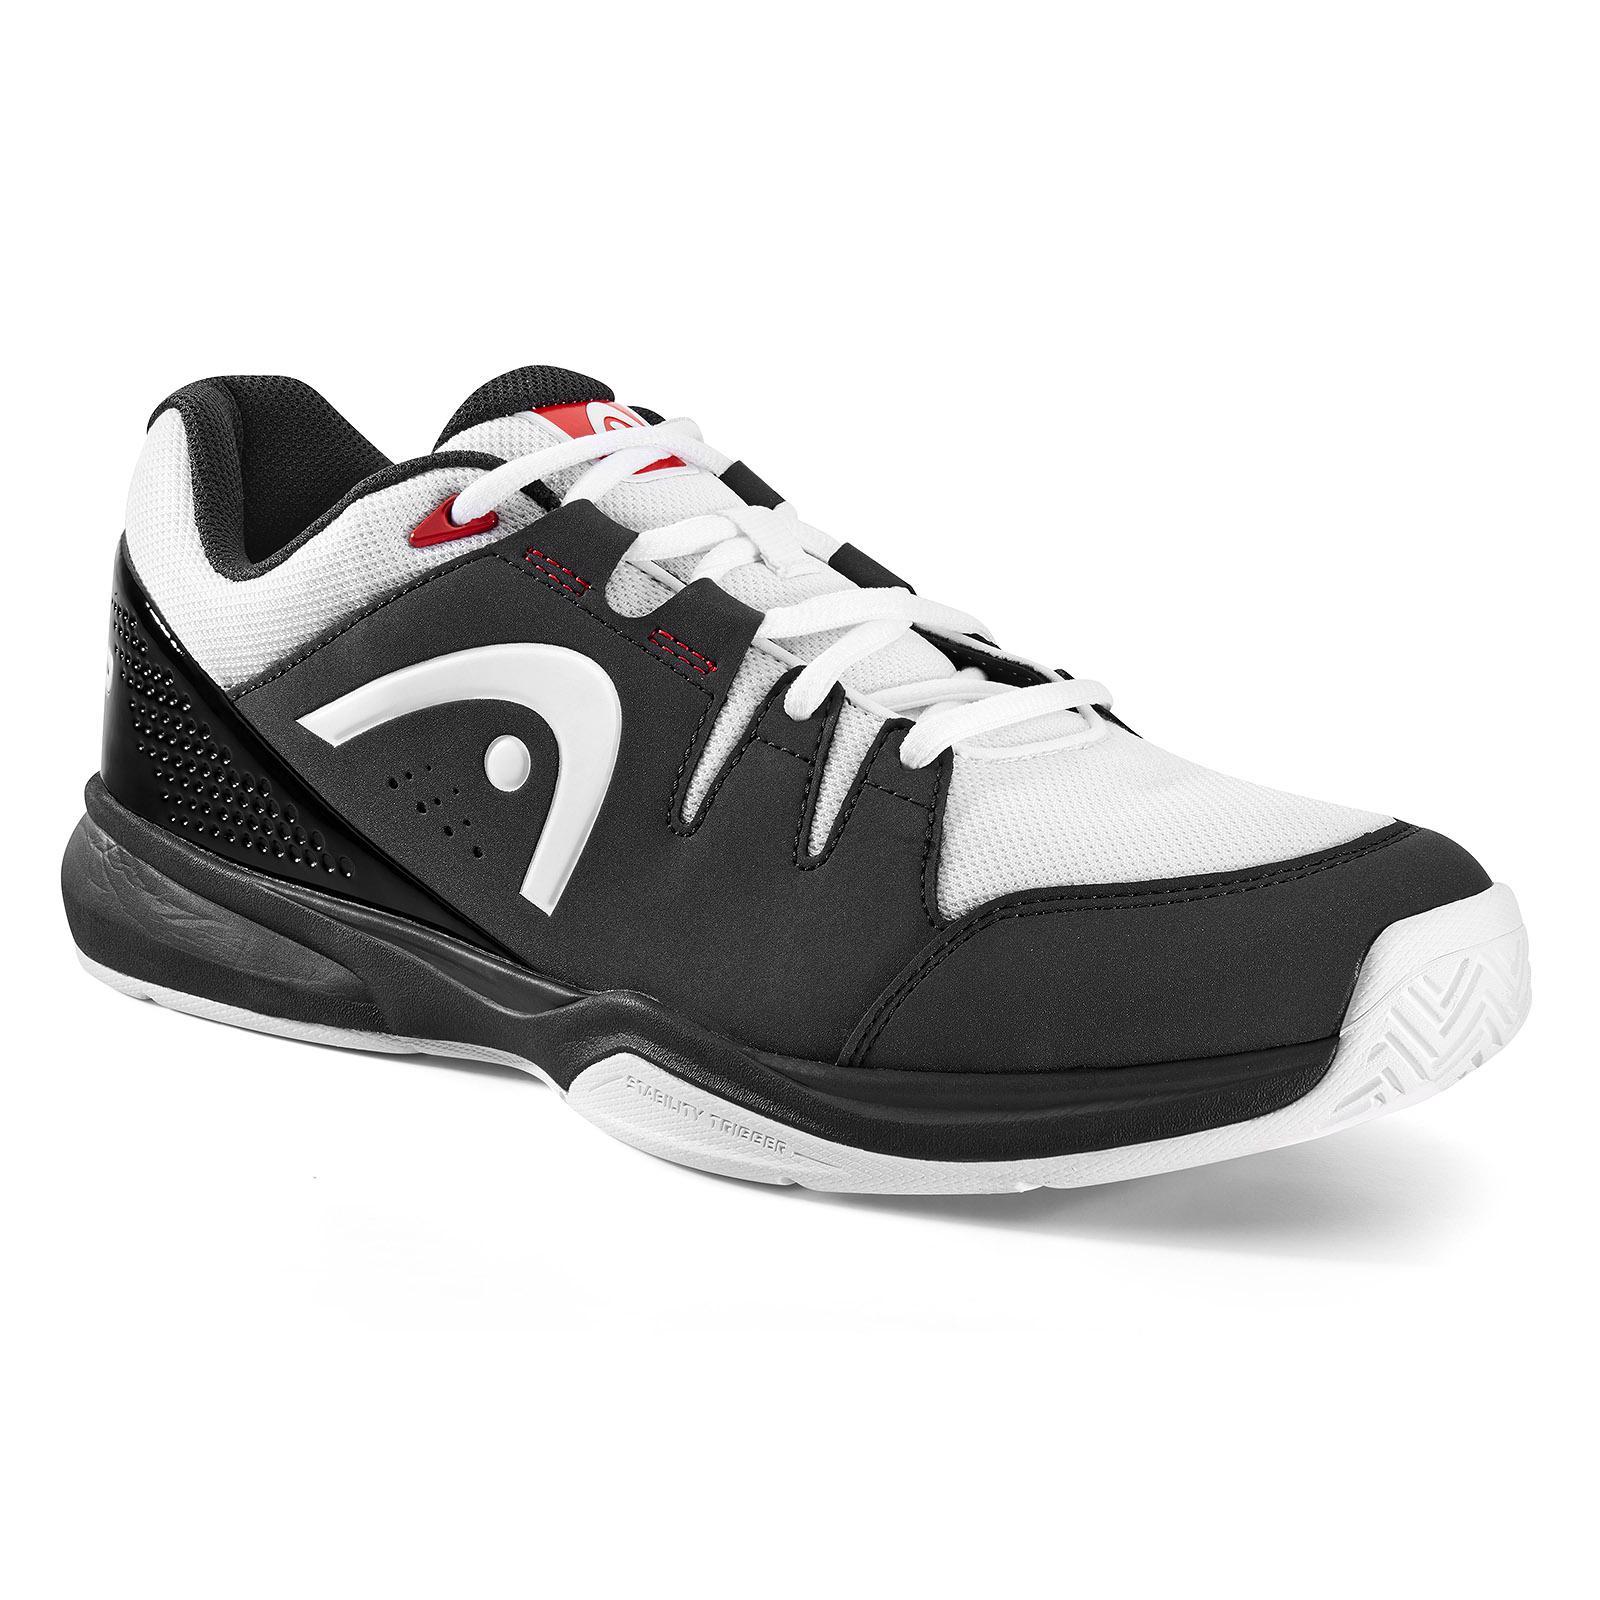 Head Grid 3.0 Squash Shoes (Black/White